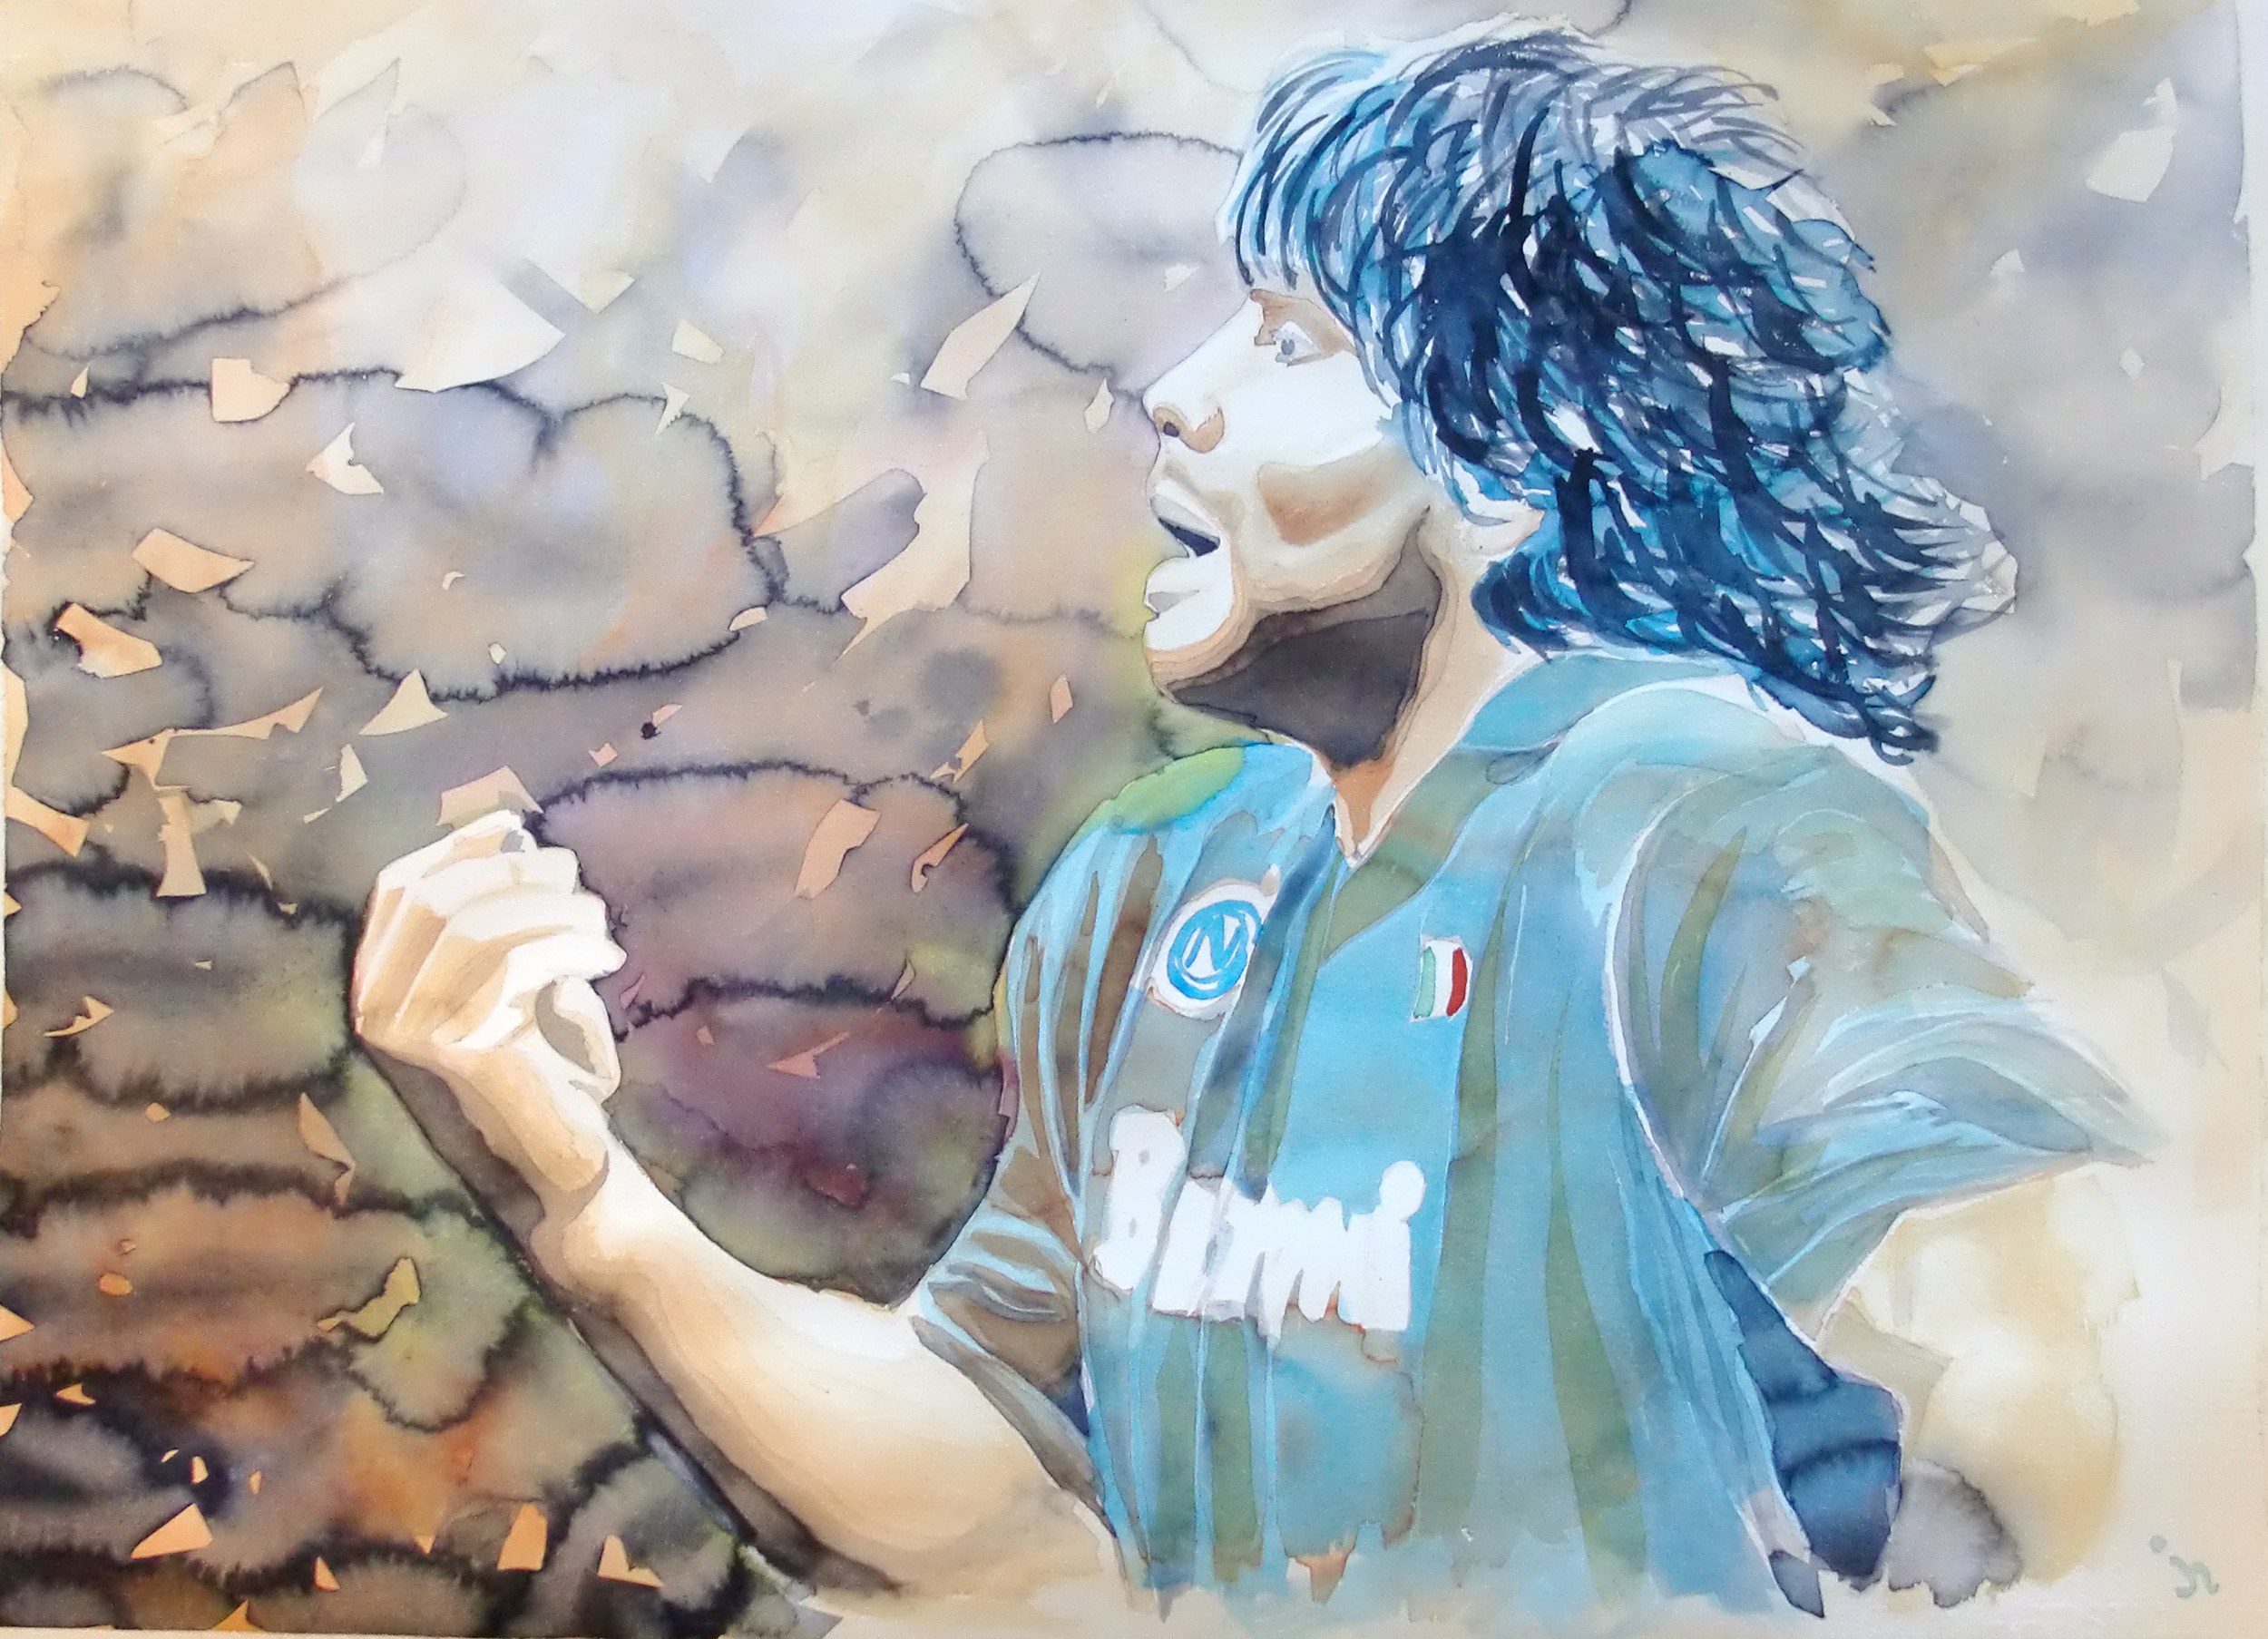 mardona-painting.jpg